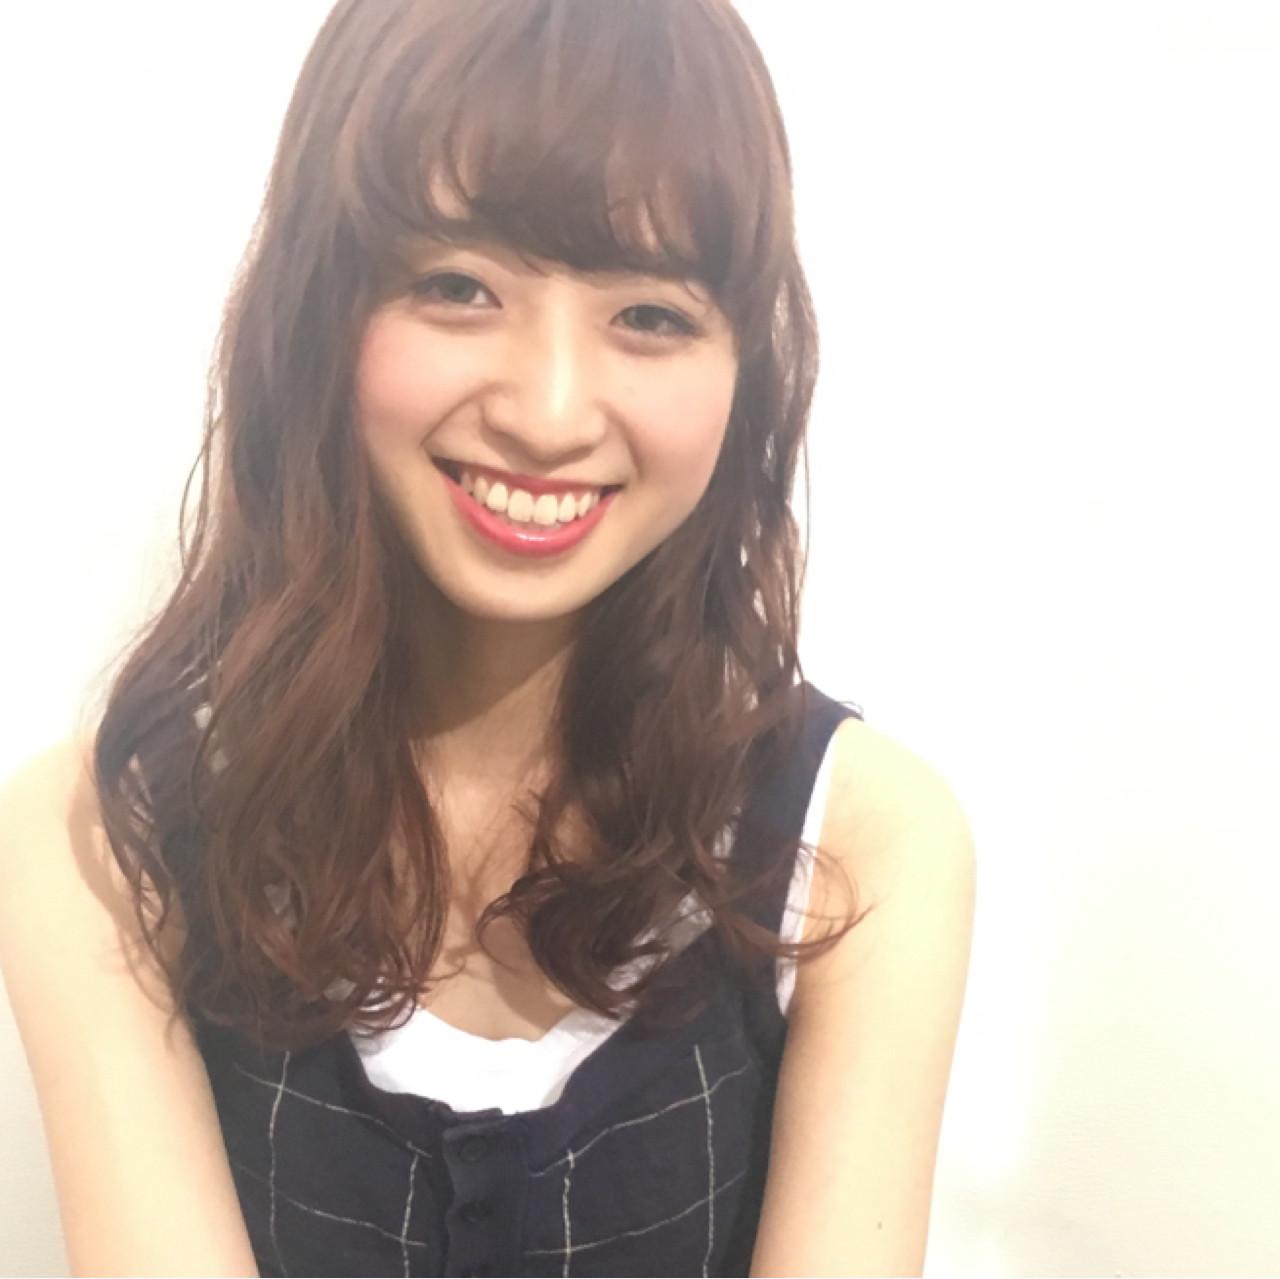 【丸顔さんに似合う髪型】ひし形シルエットの小顔効果でより可愛く♡ 秋山友美